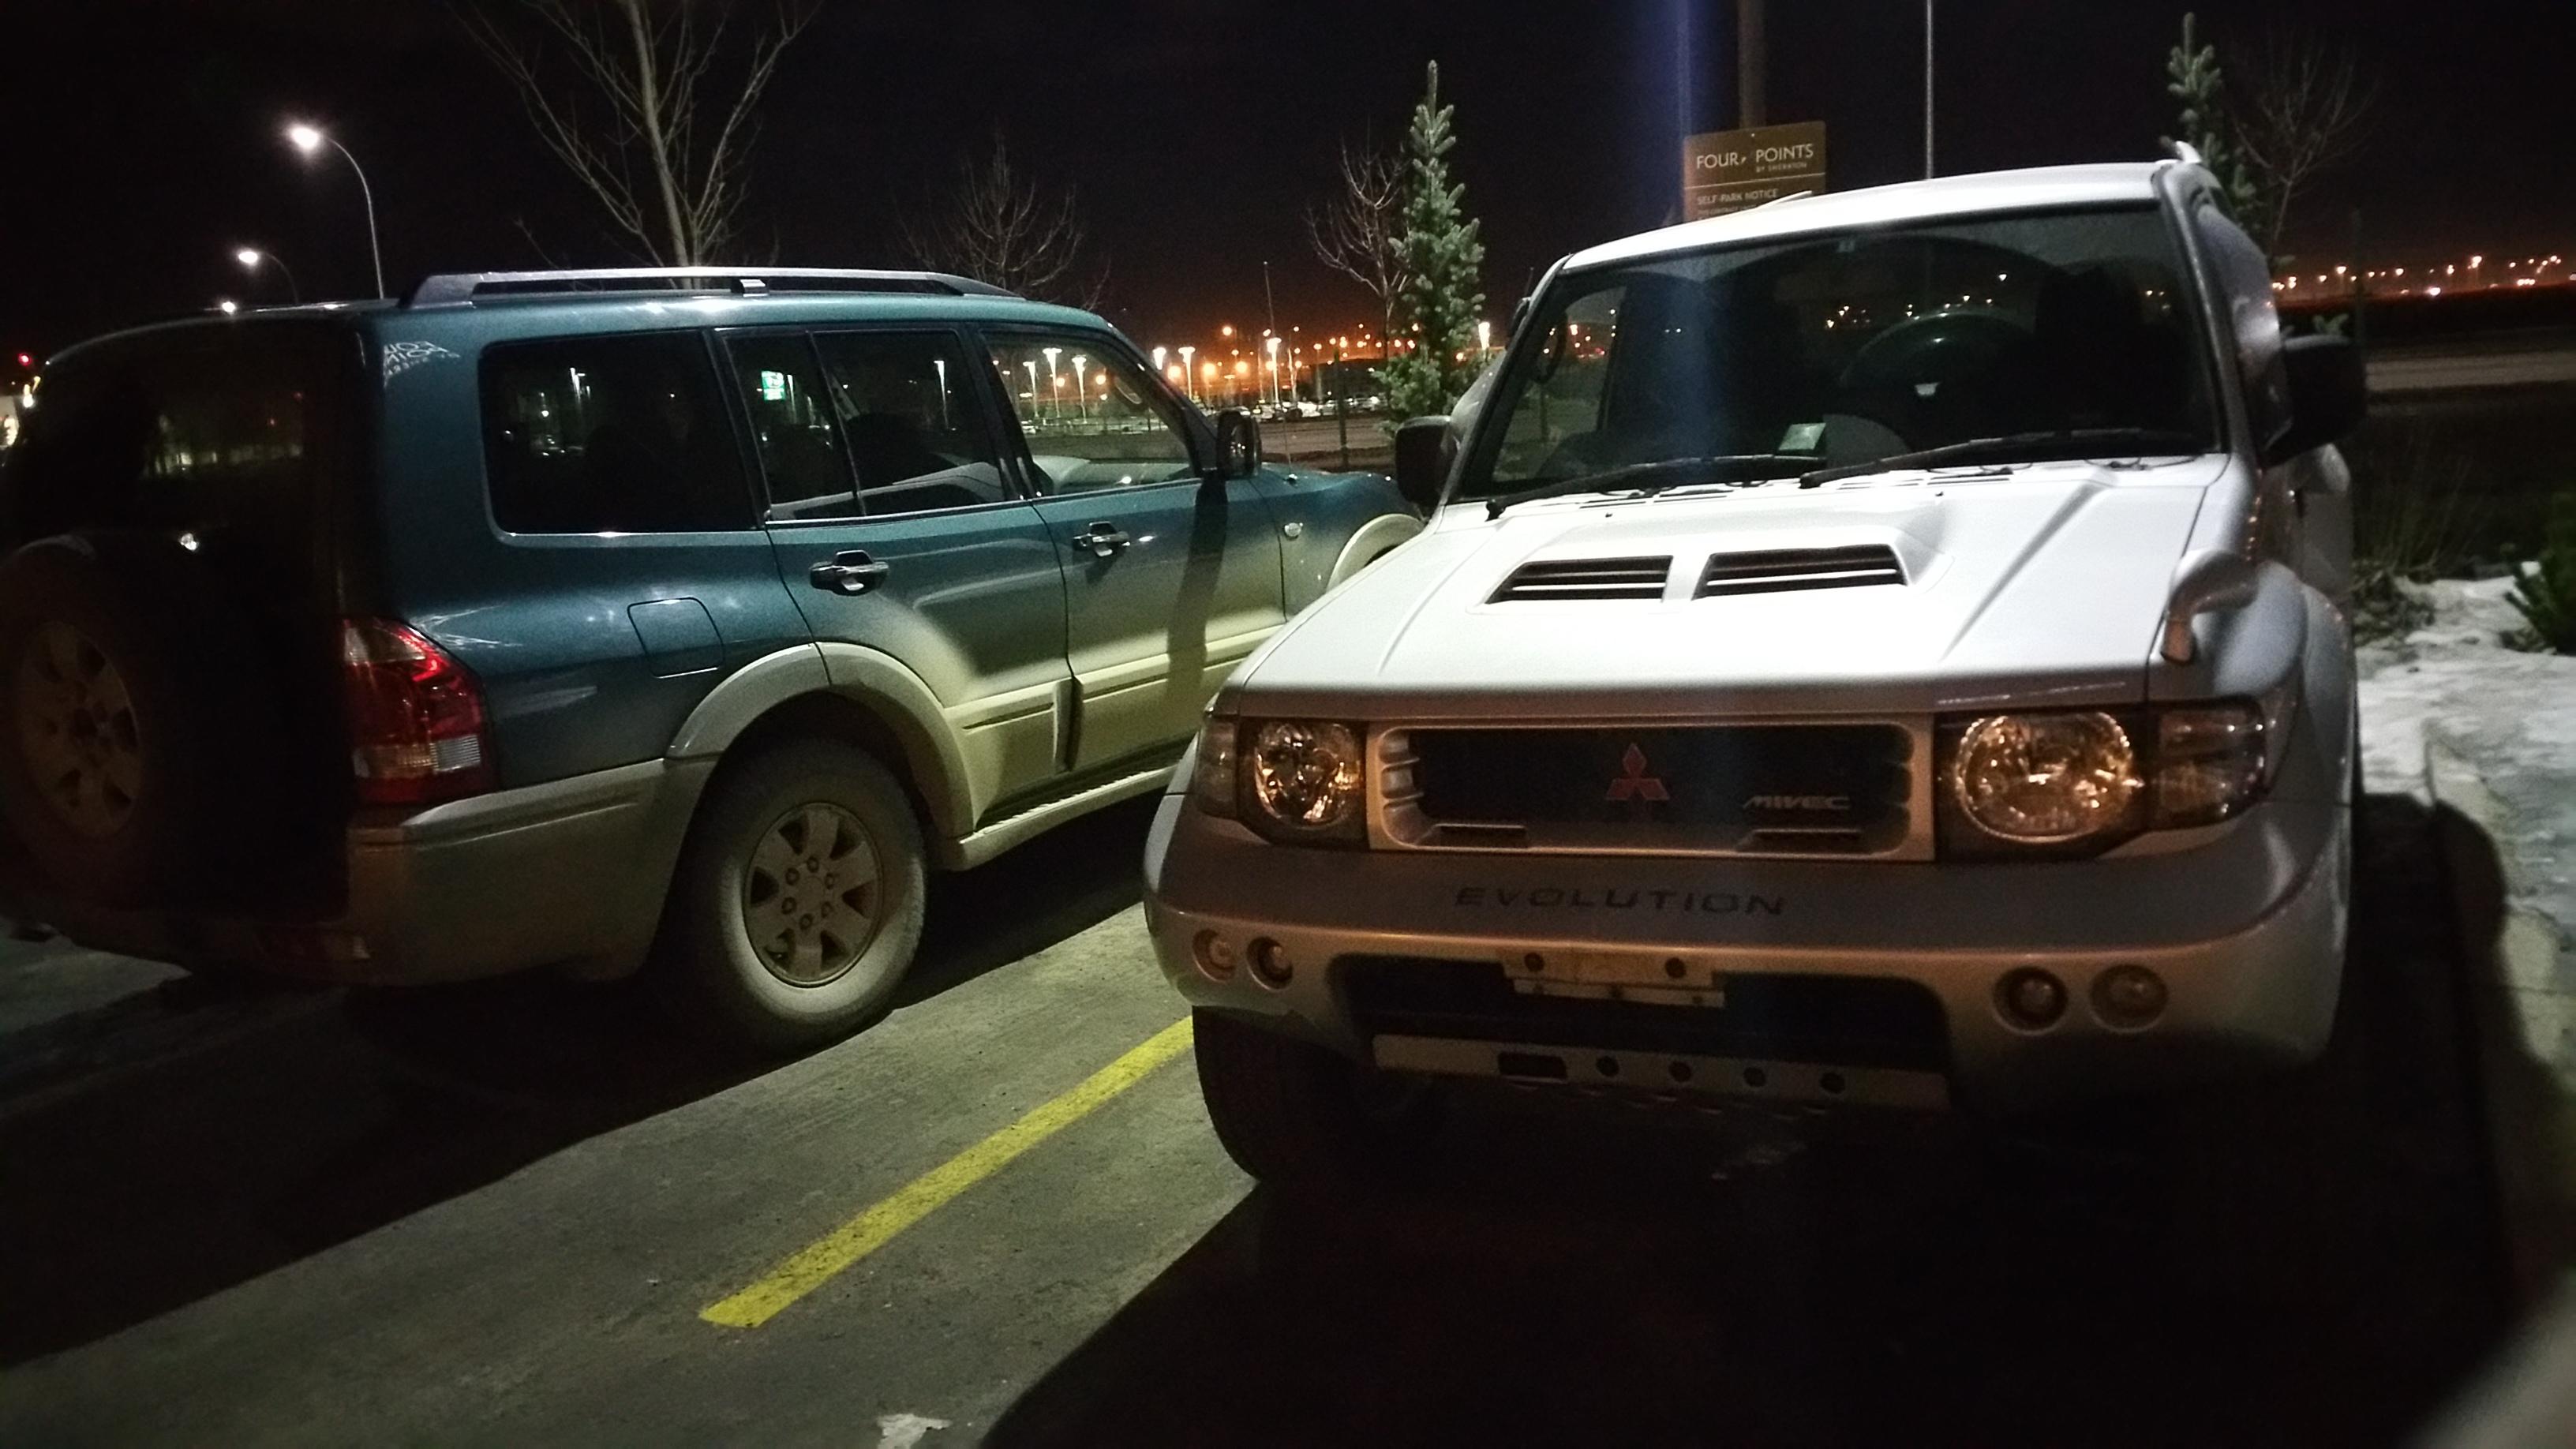 mits_pajero_evo_gen3_parked